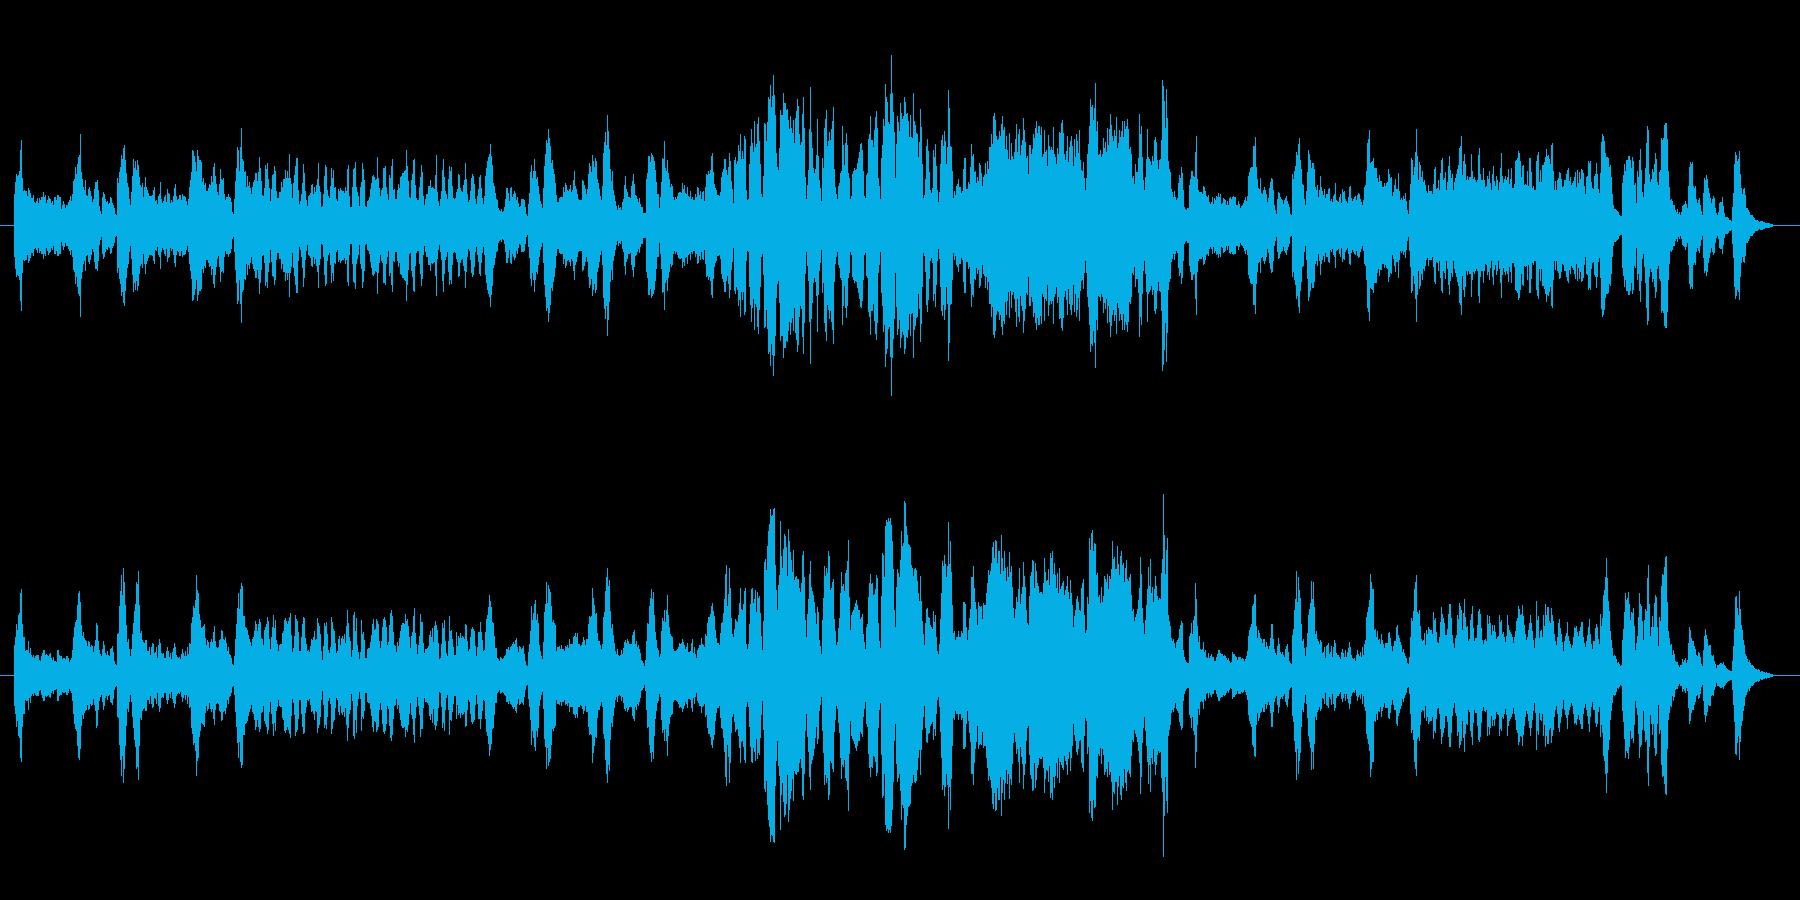 チェンバロが印象的でクラシカルな曲の再生済みの波形